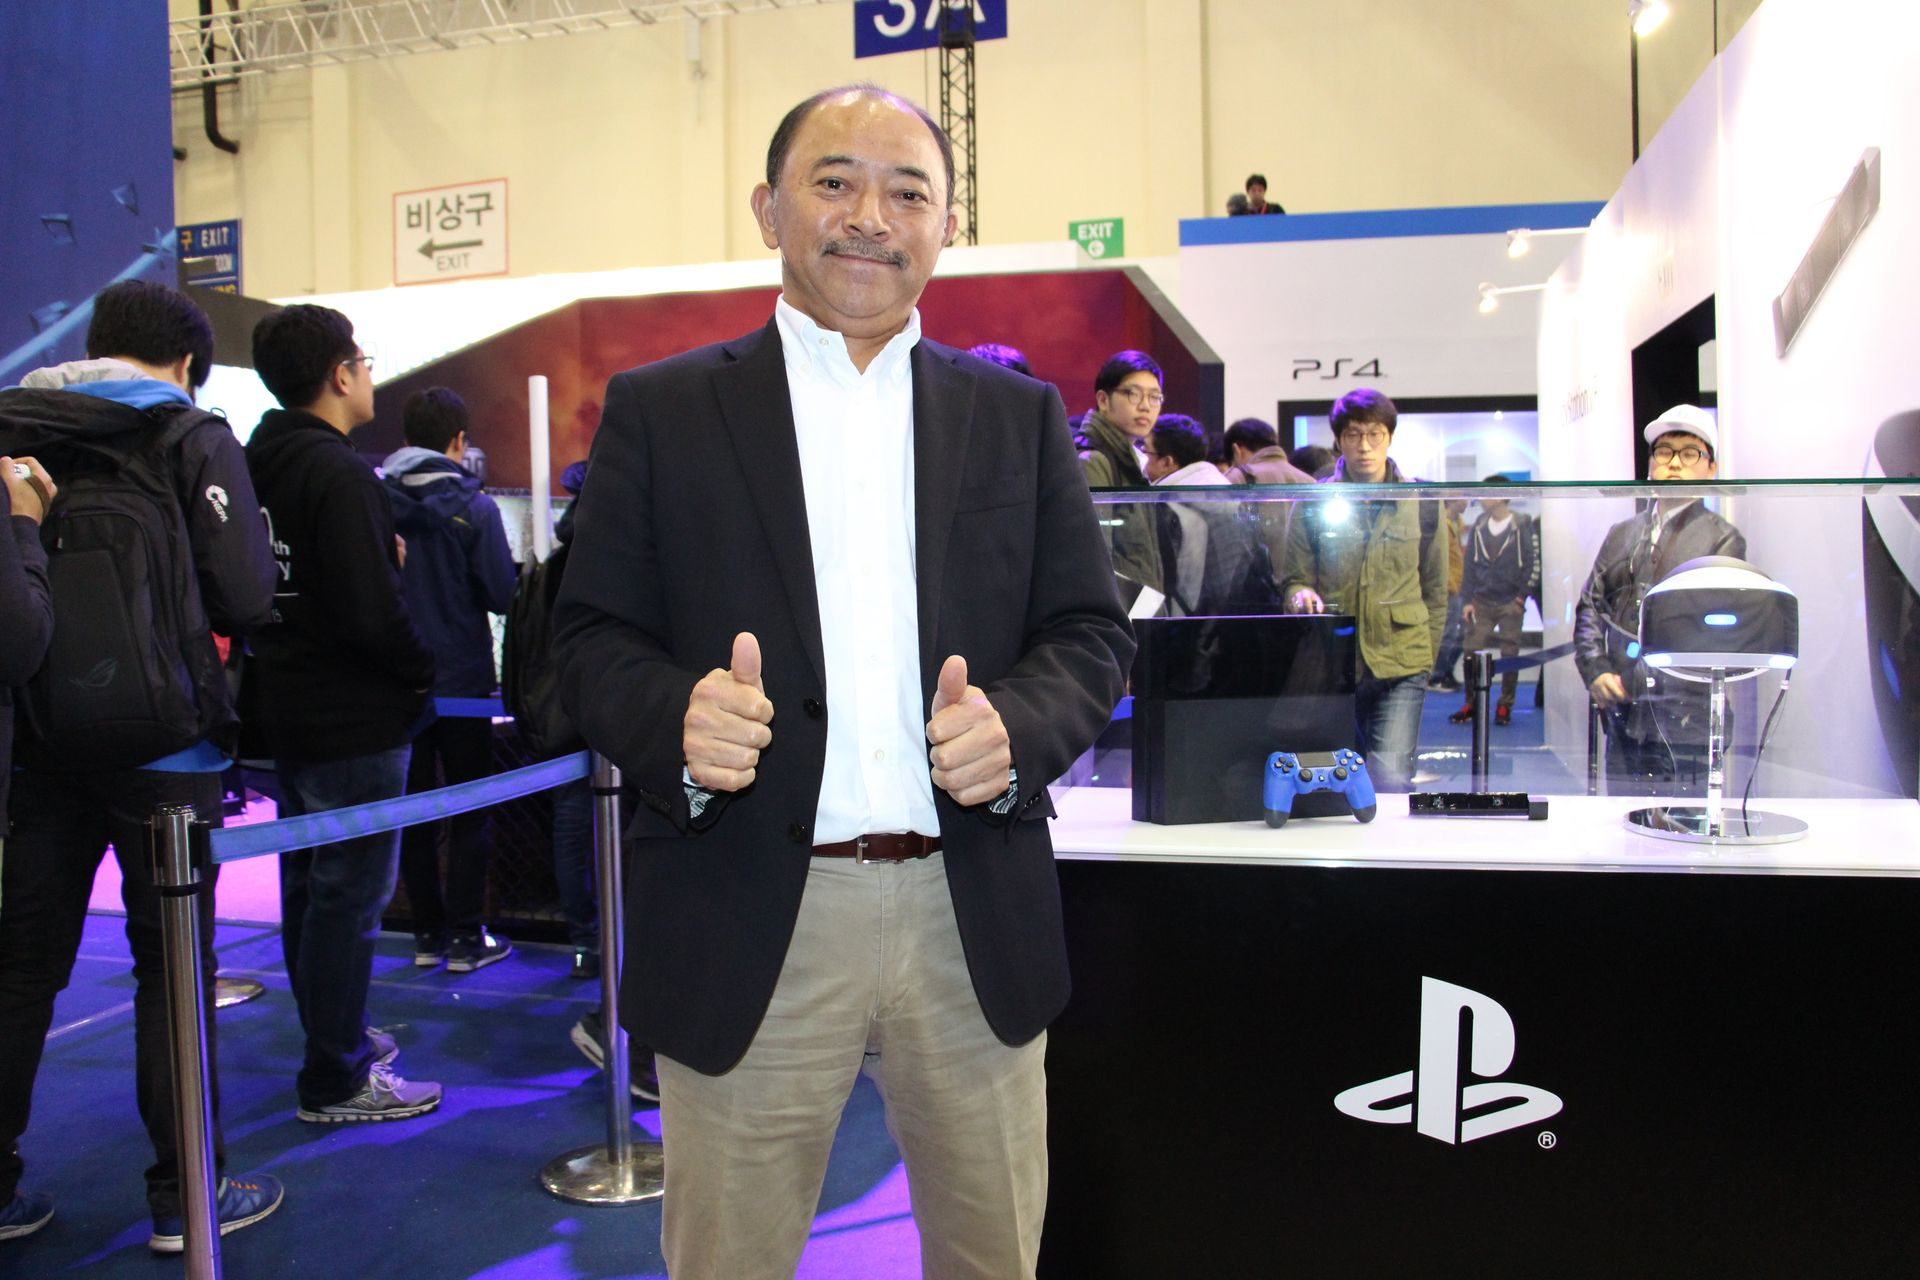 SCEJAでソフトウェアビジネス担当VPとして日本に帰任する川内氏。その手腕に引き続き期待したい